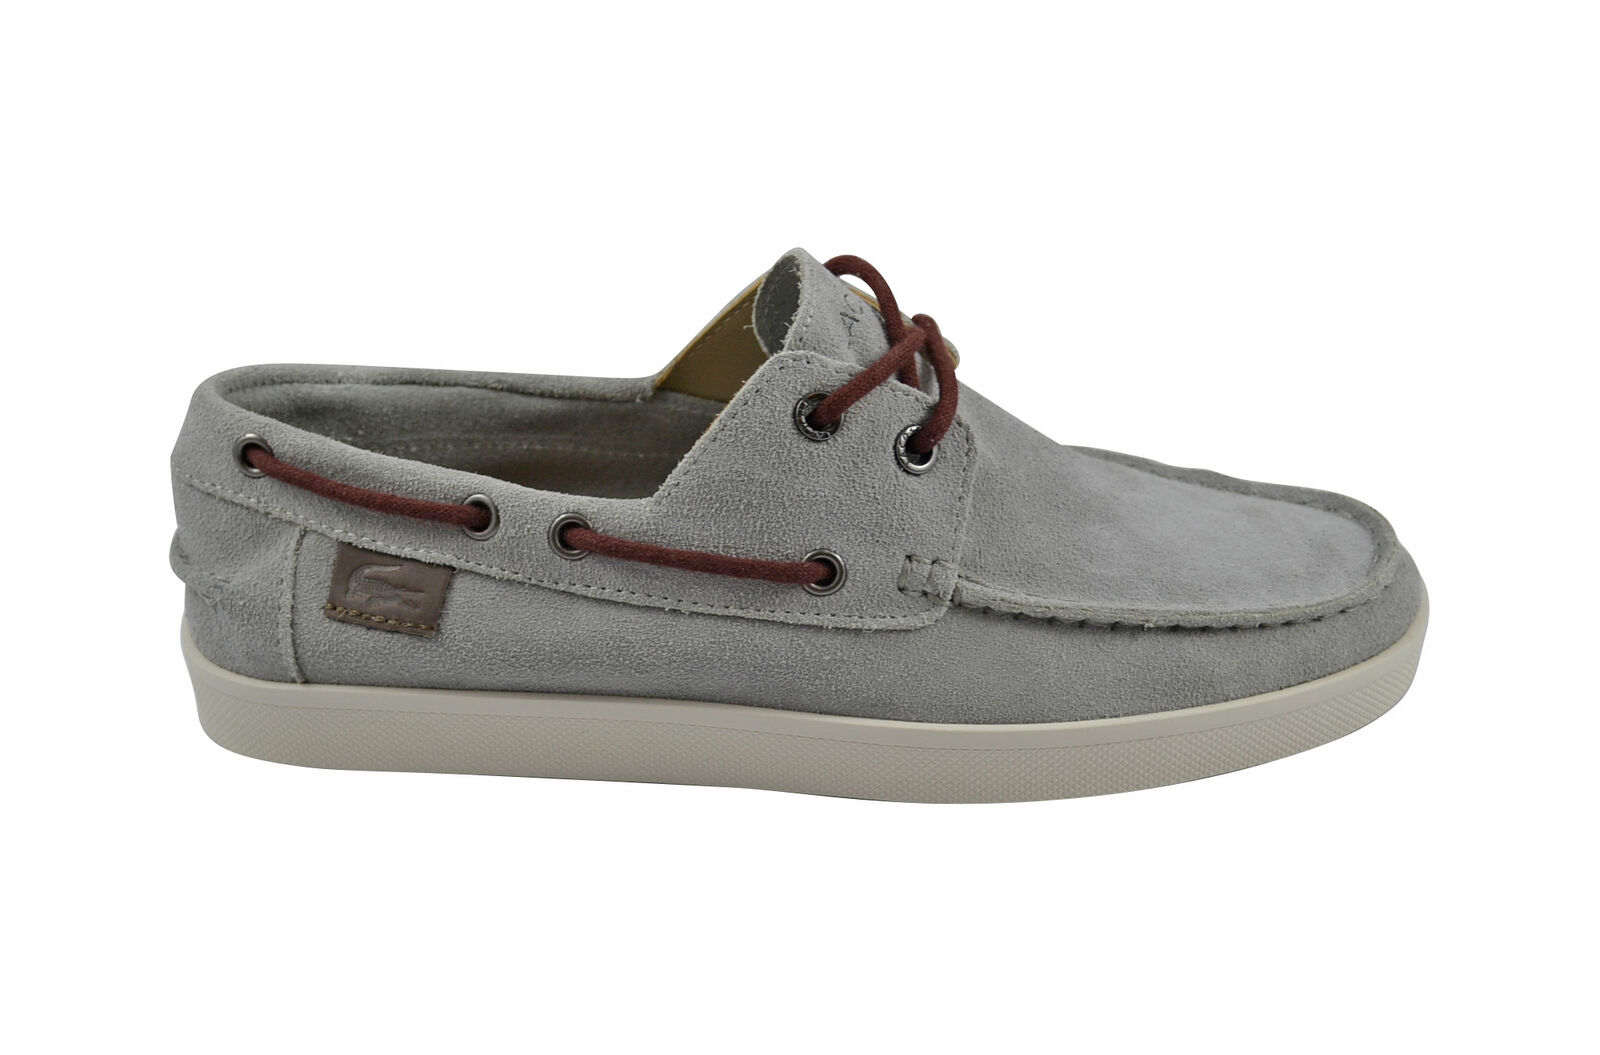 Lacoste Keellson 4 SRM grey Leder Schuhe/Sneaker grau Größenauswahl!!